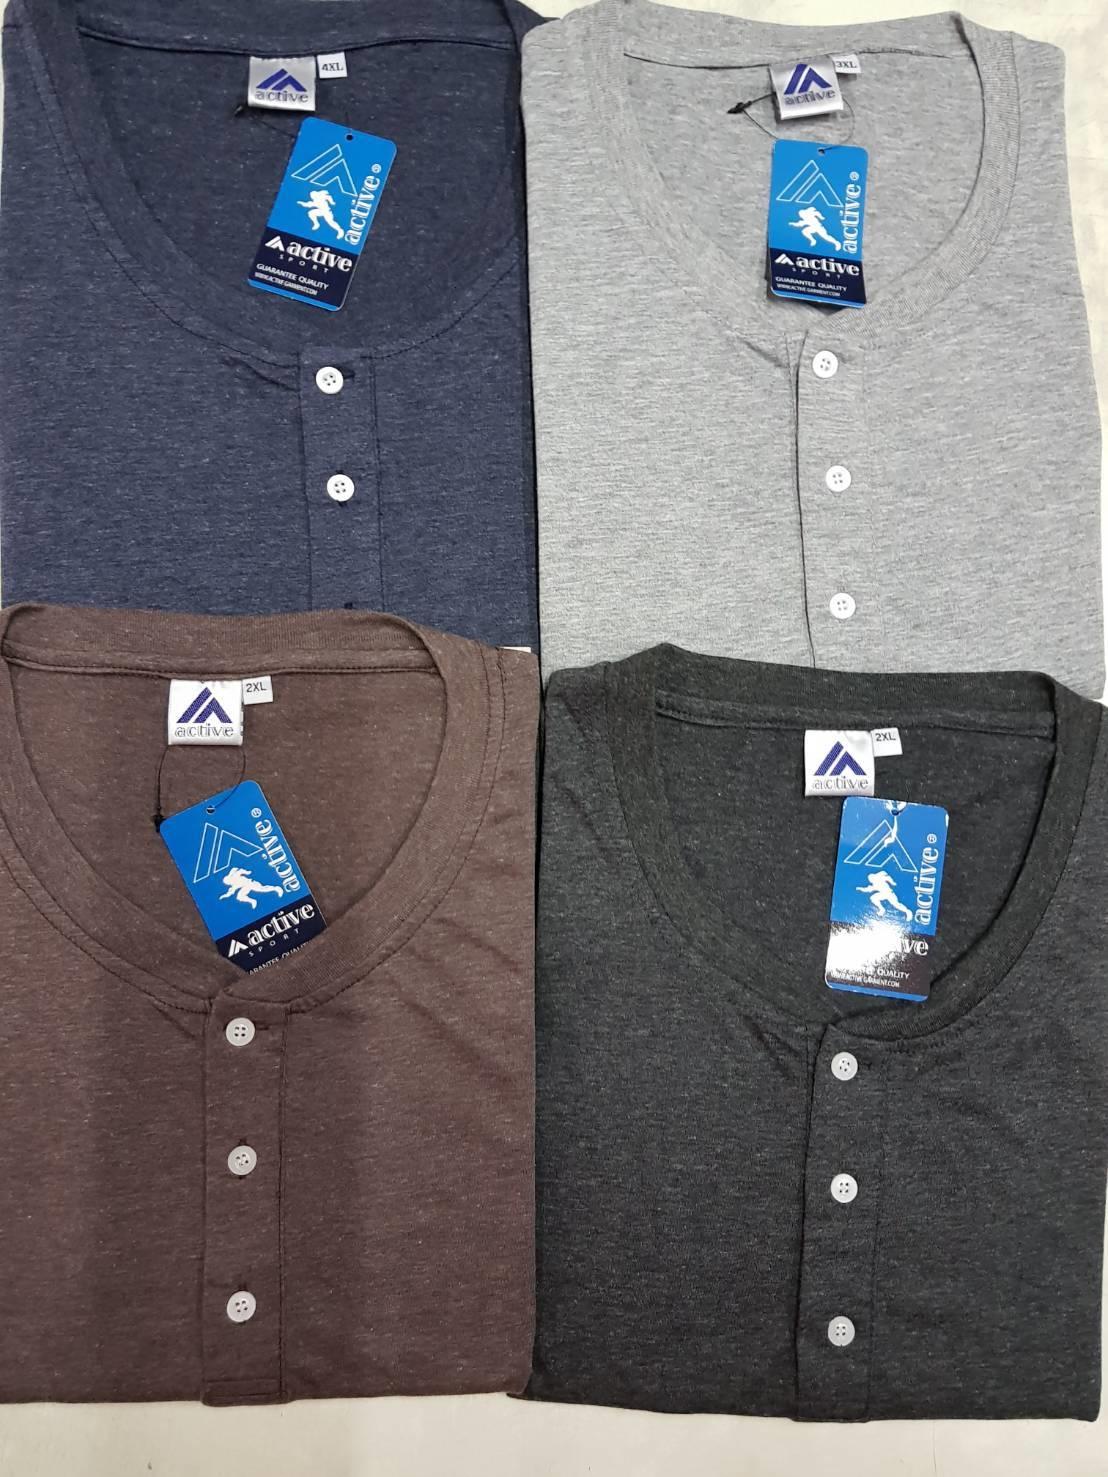 เสื้อยืดแขนสั้นกระดุมผ้านิ่ม 2XL 3XL 4XL สีกรม , เทาดำ , เทาอ่อน , น้ำตาล